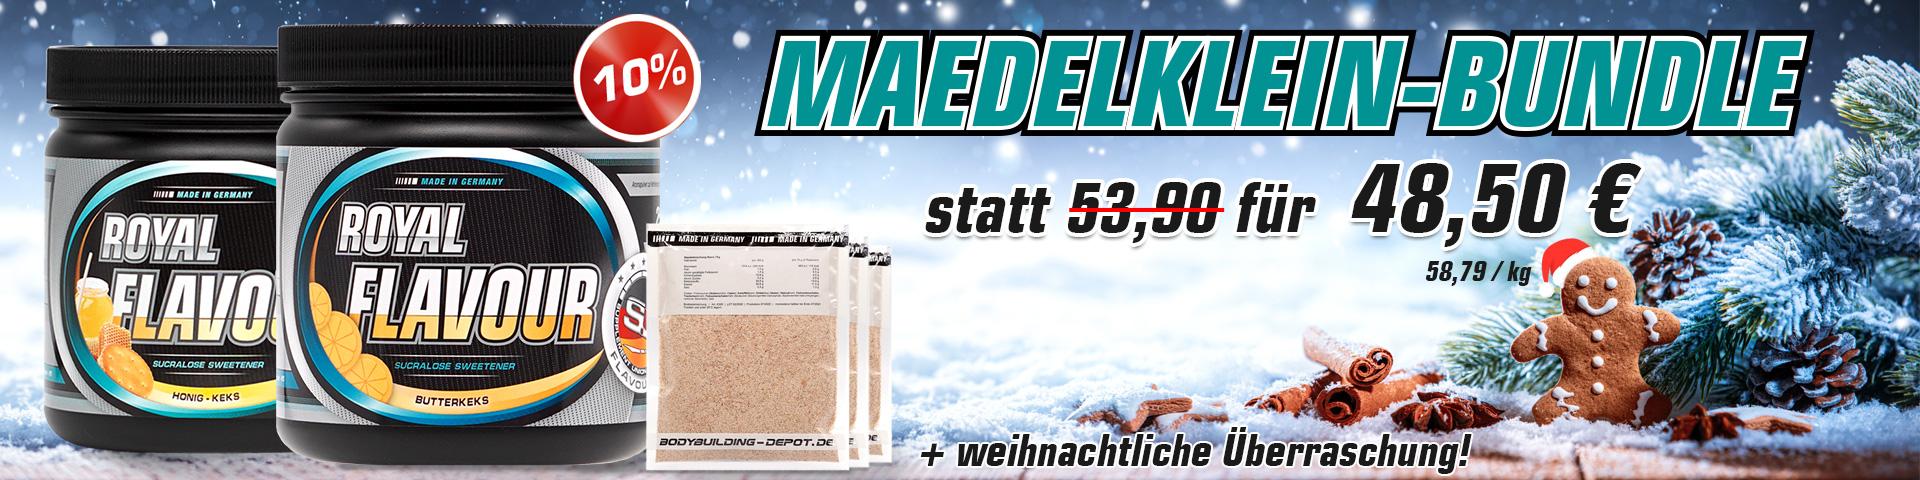 maedelklein-bundle-weihnachtsedition.jpg